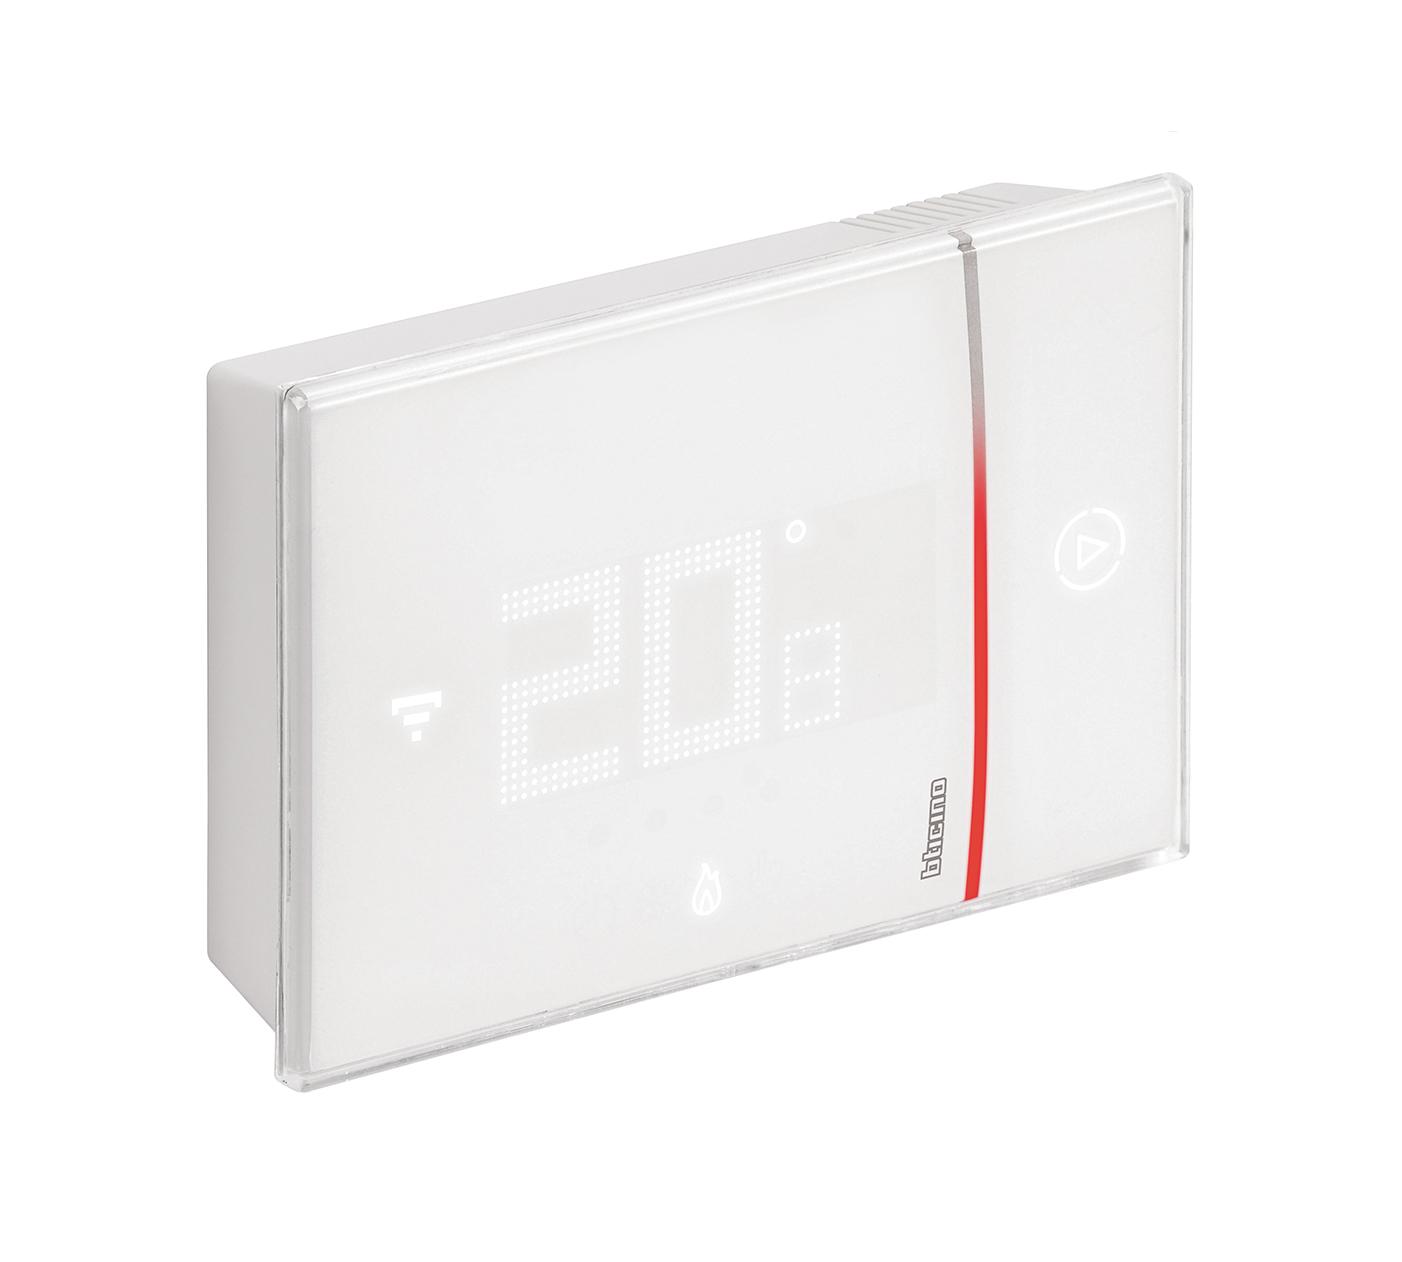 Termostato Wifi Superficiale Da Parete X8000w Bticino Bianco